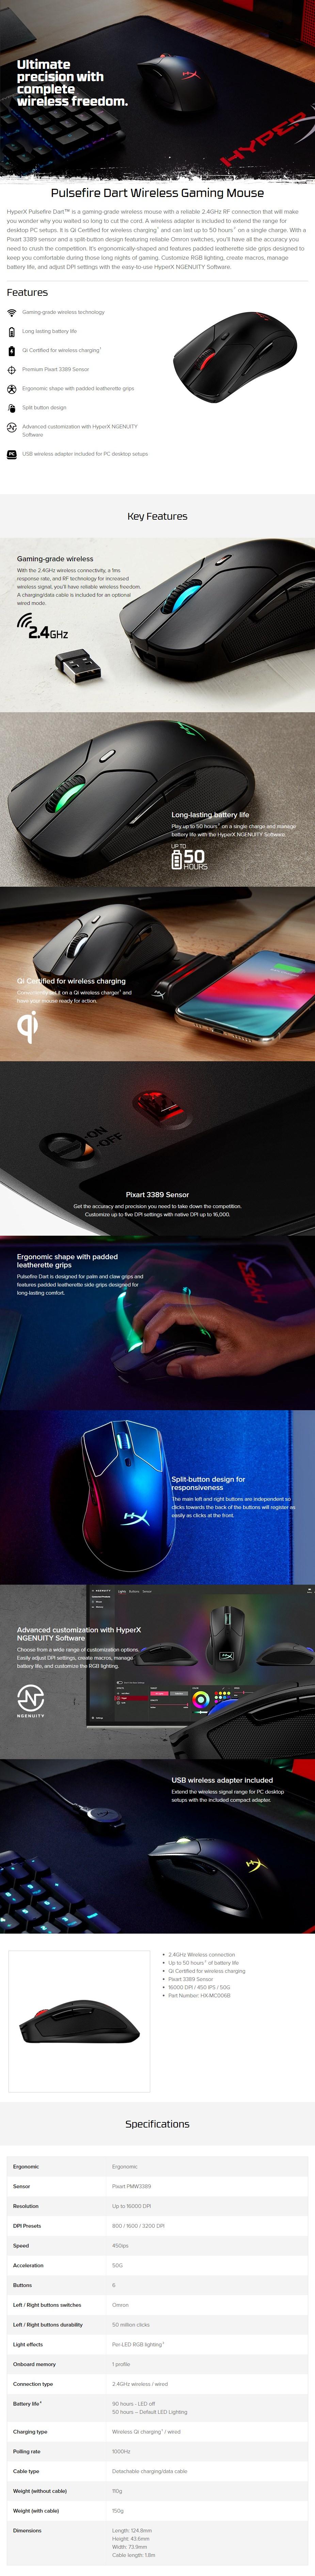 hyperx-pulsefire-dart-24ghz-wireless-optical-gaming-mouse-ac31623-1.jpg